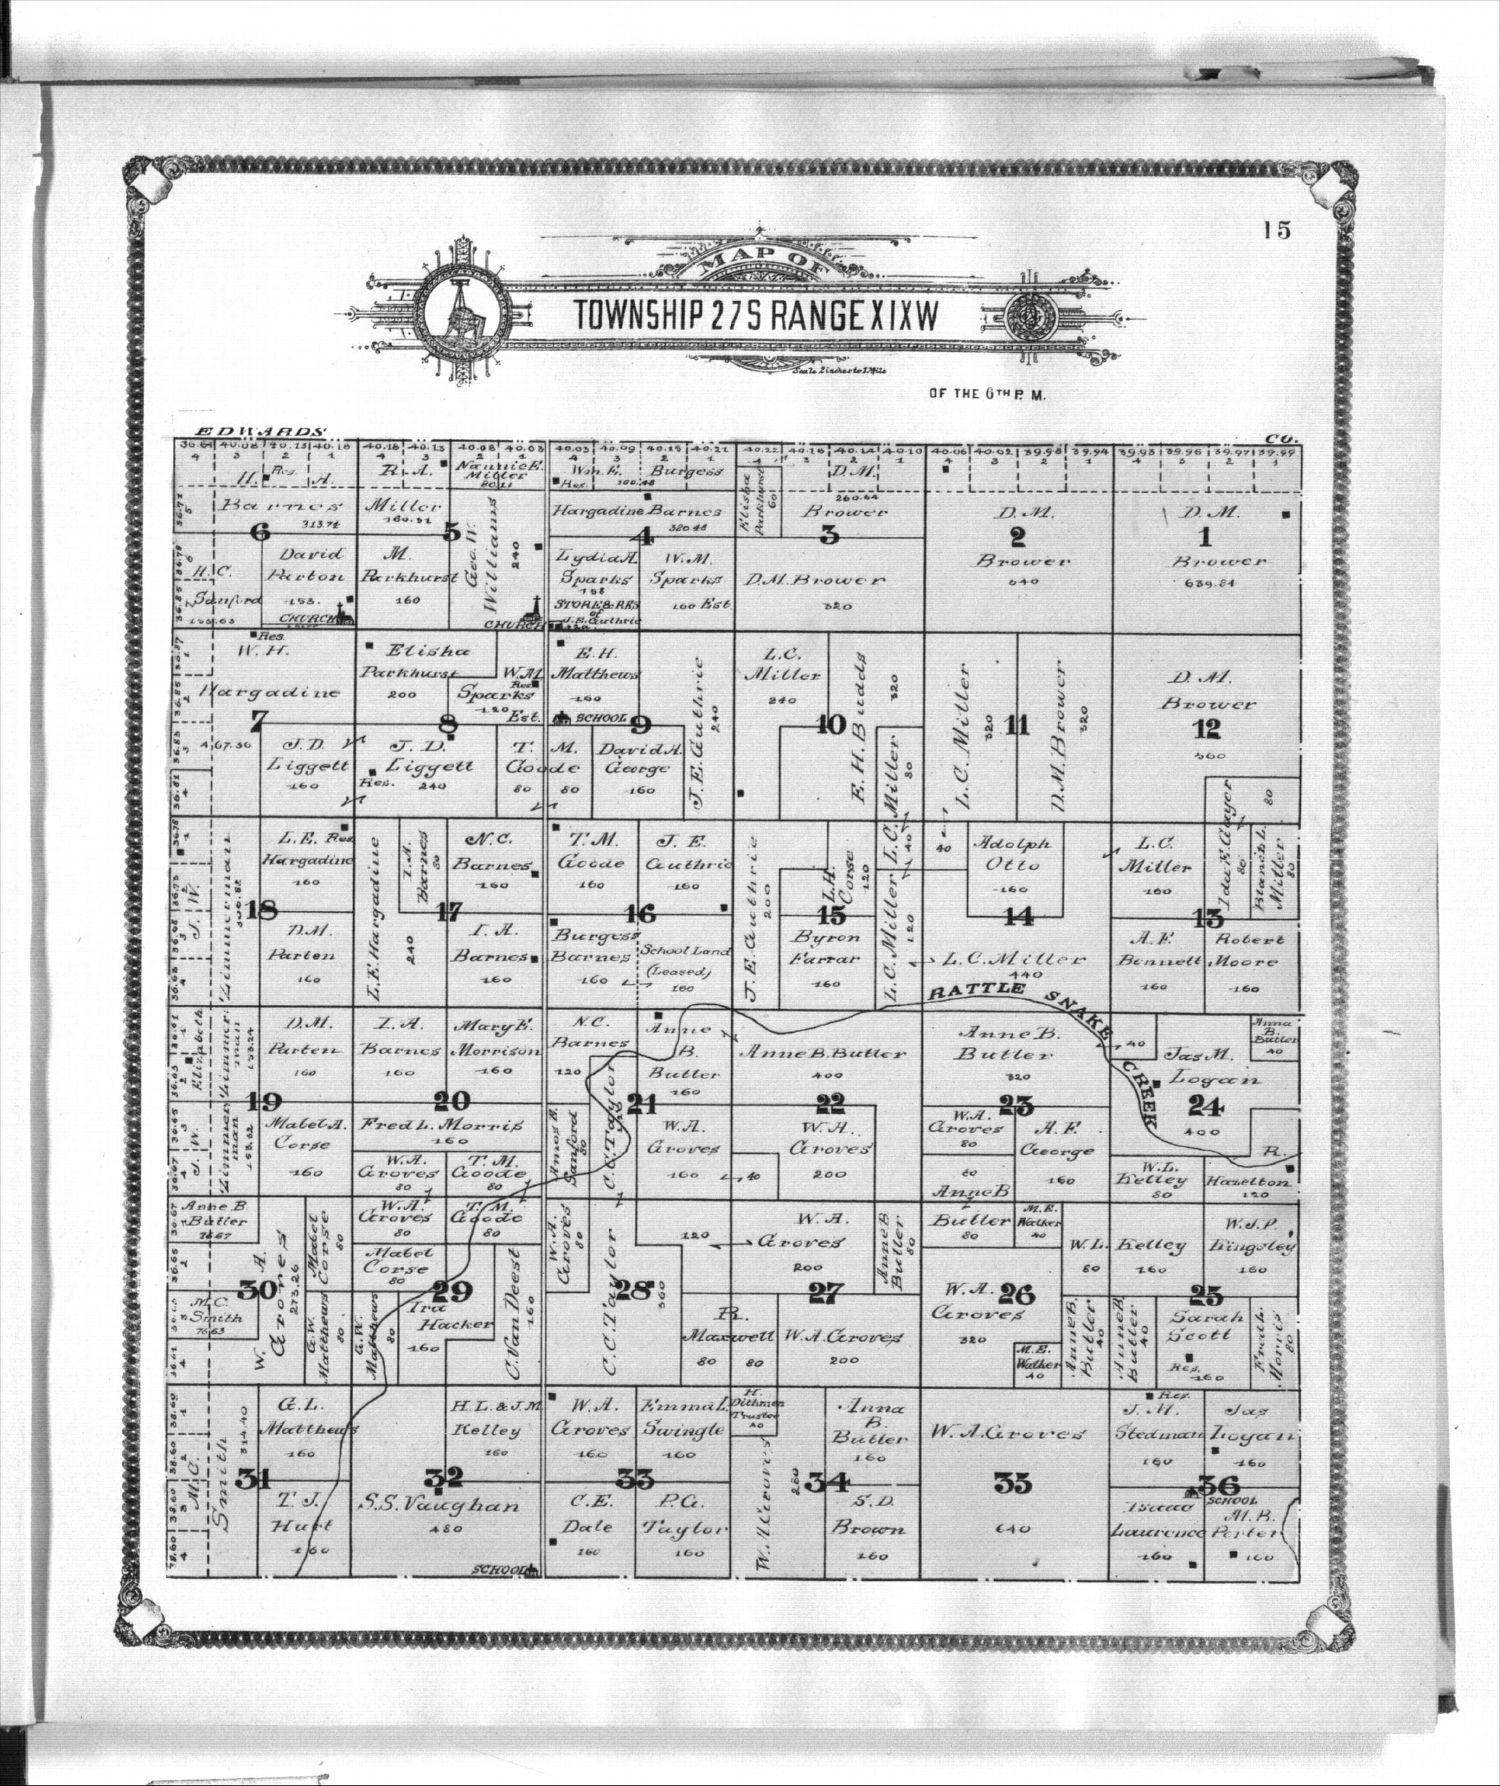 Standard atlas of Kiowa County, Kansas - 15